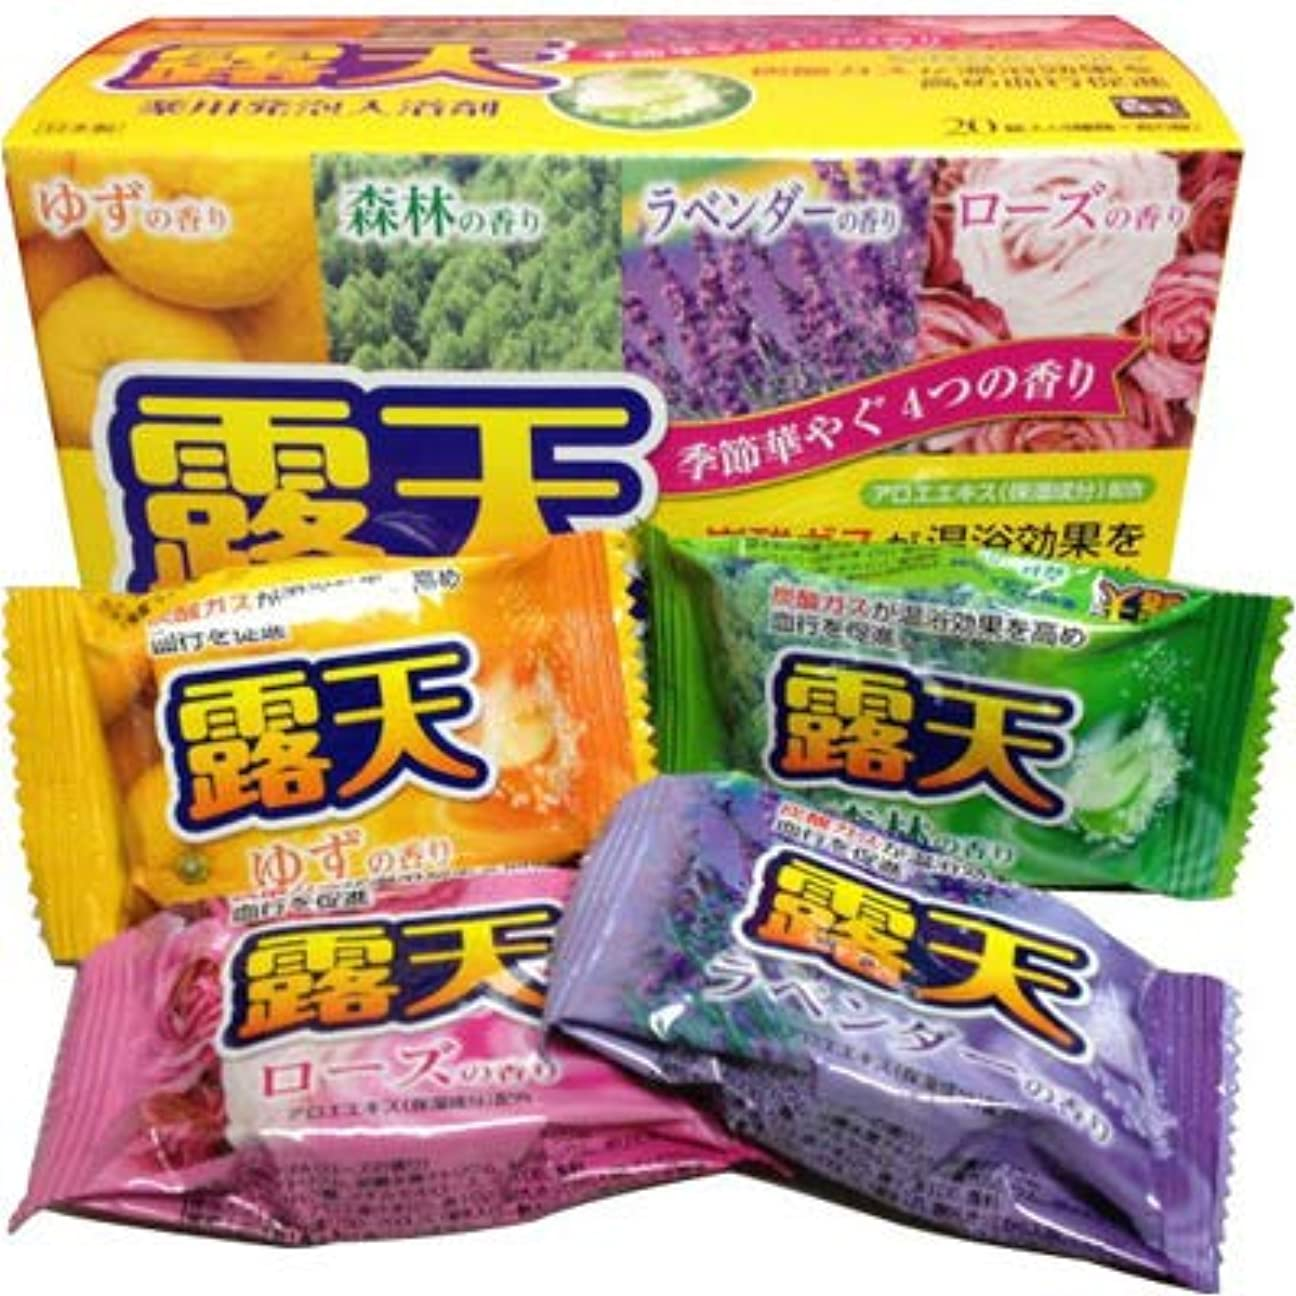 行列セーブ書士薬用発泡入浴剤 露天40g 4種類アソート(1セット400個入)